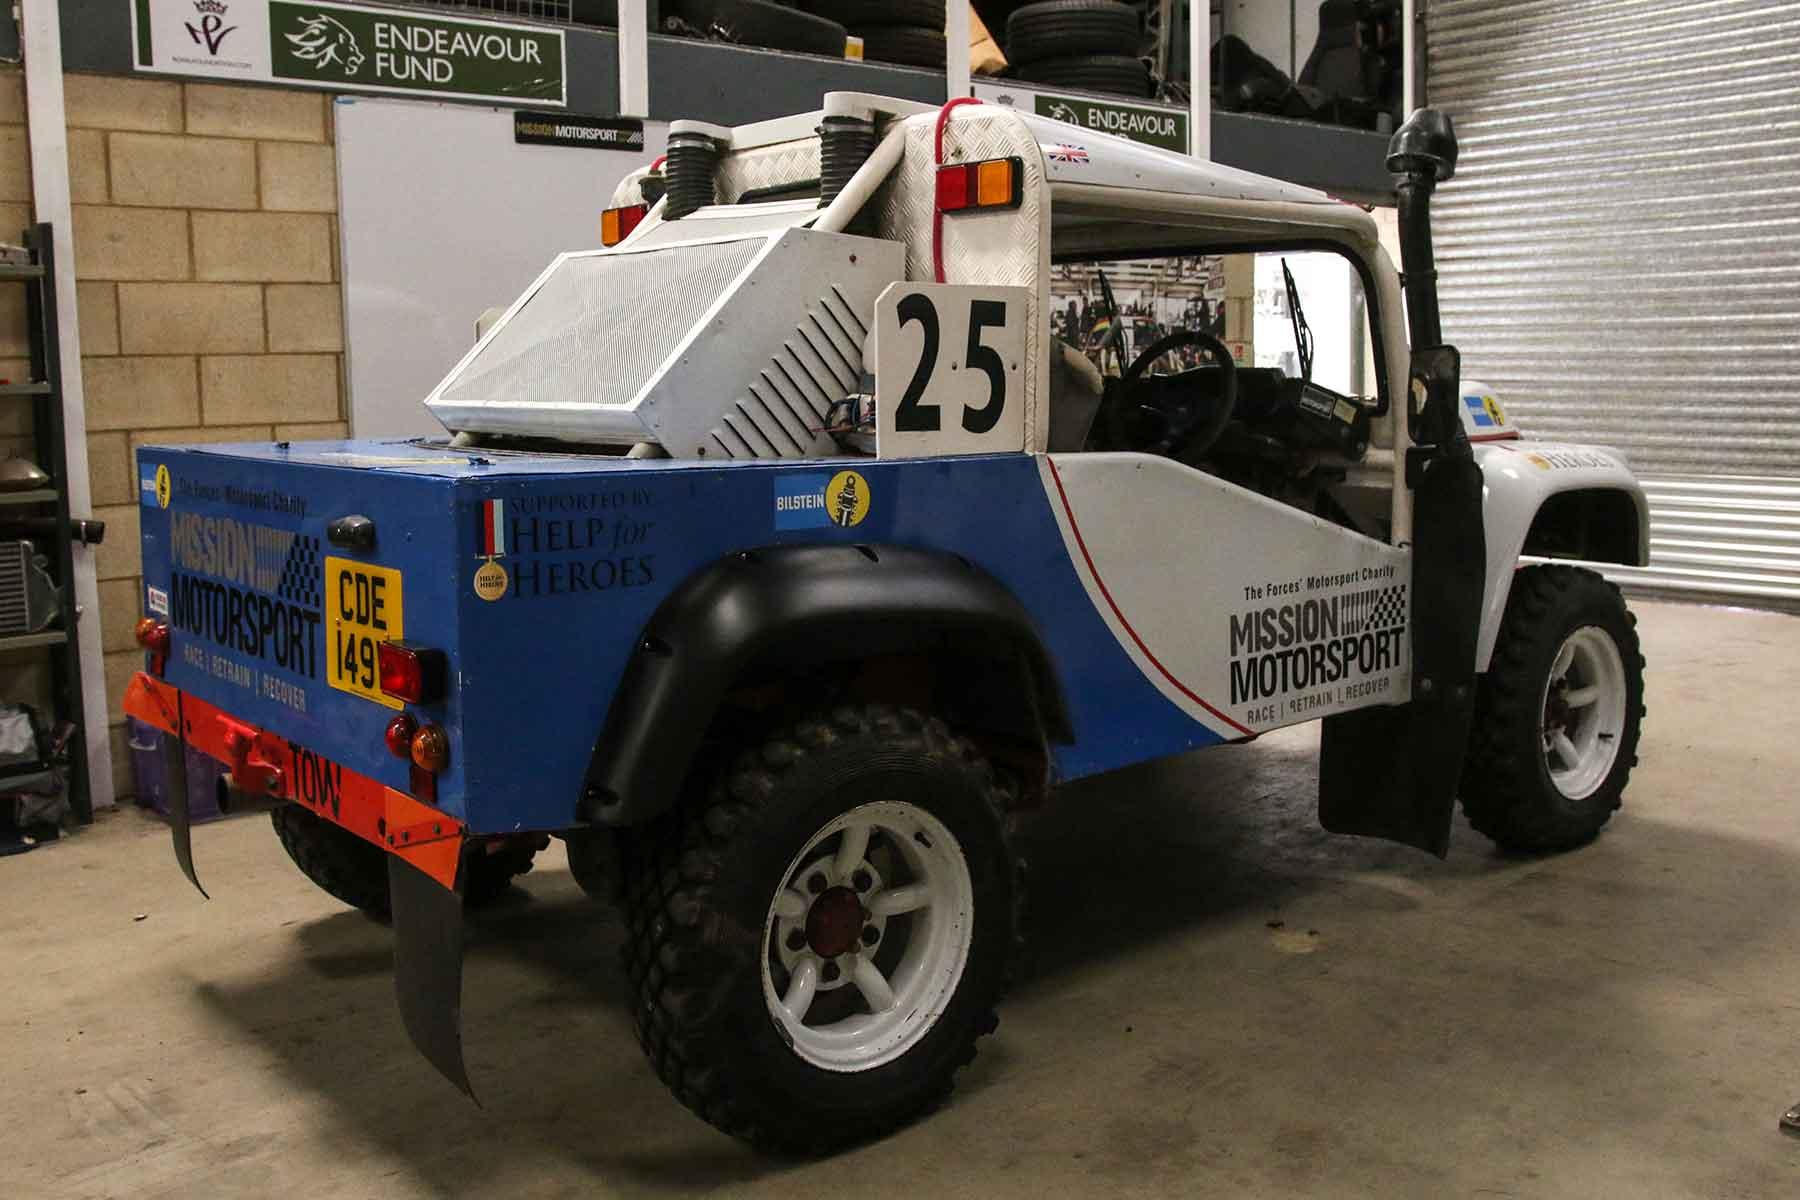 Mission Motorsport